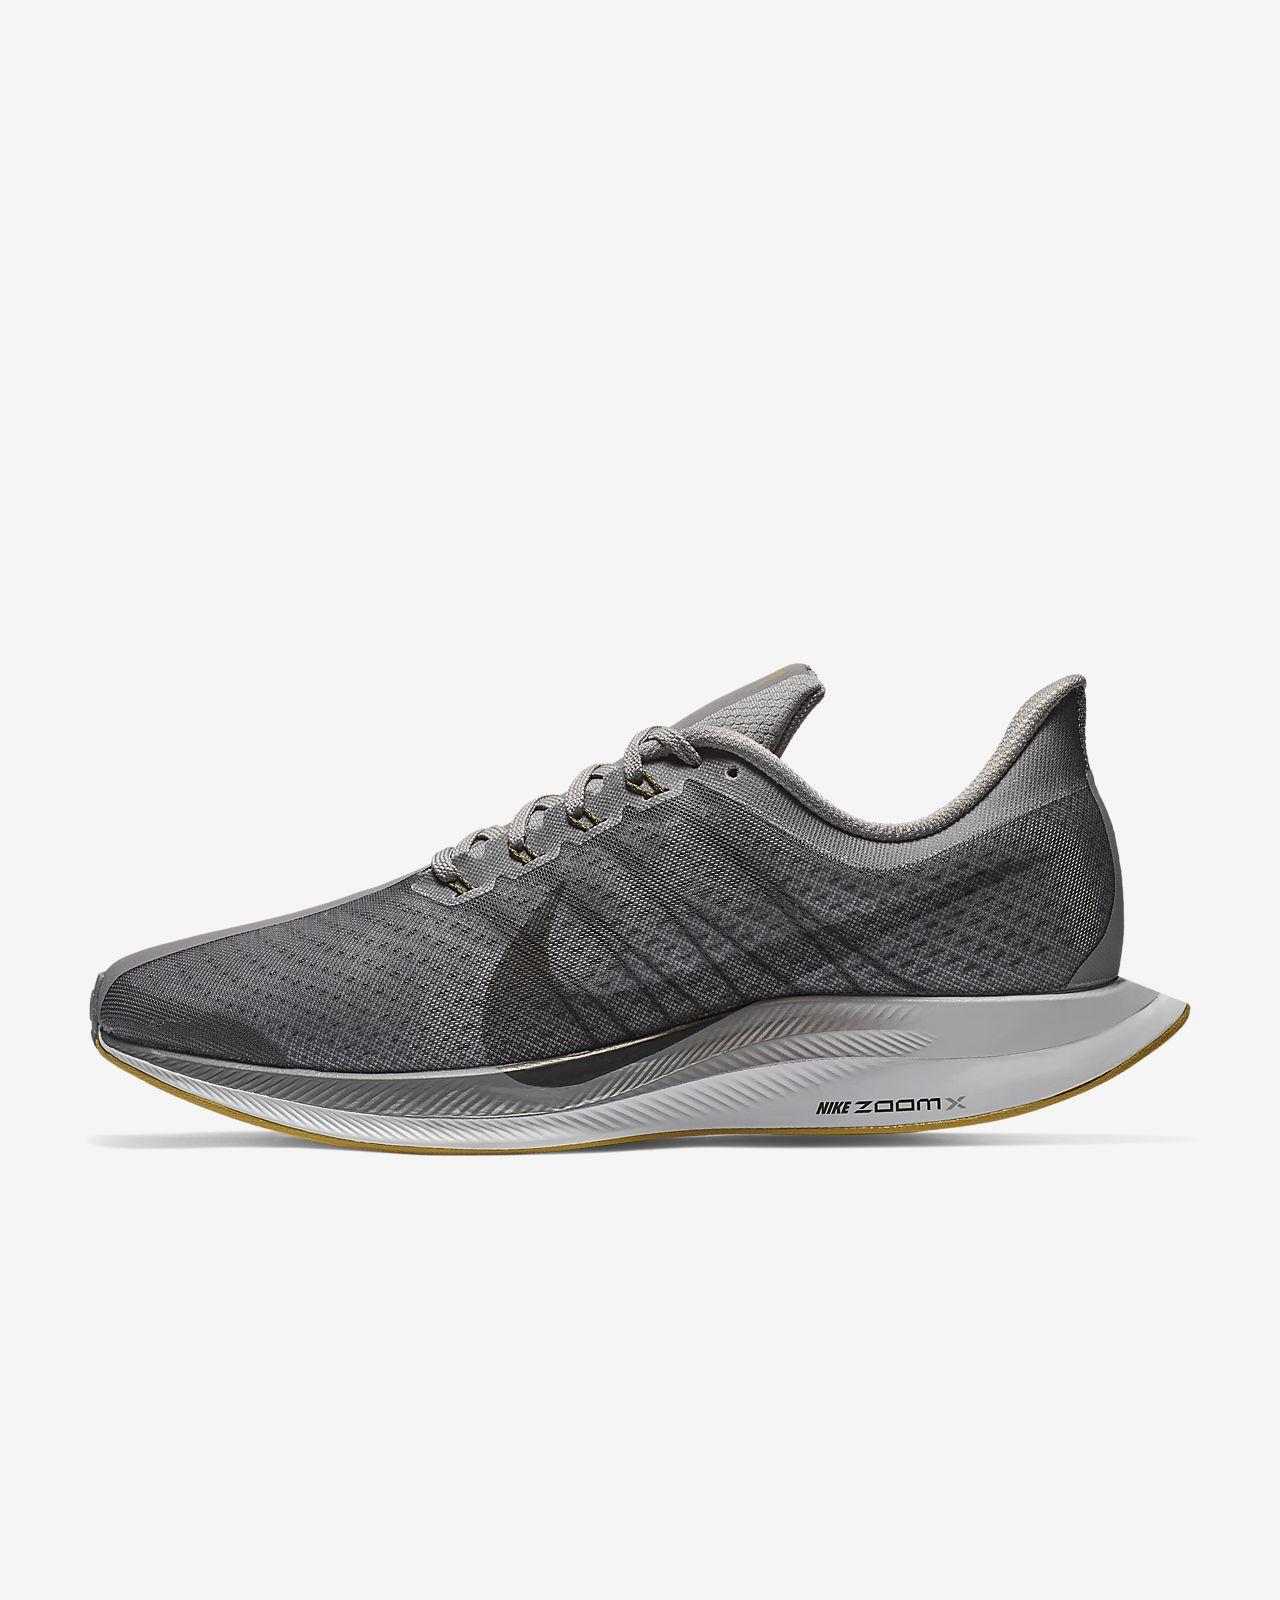 huge discount 3850e c734e ▷ Meilleur Nike zoom   En 2019, Avis, Comparatifs et Tests